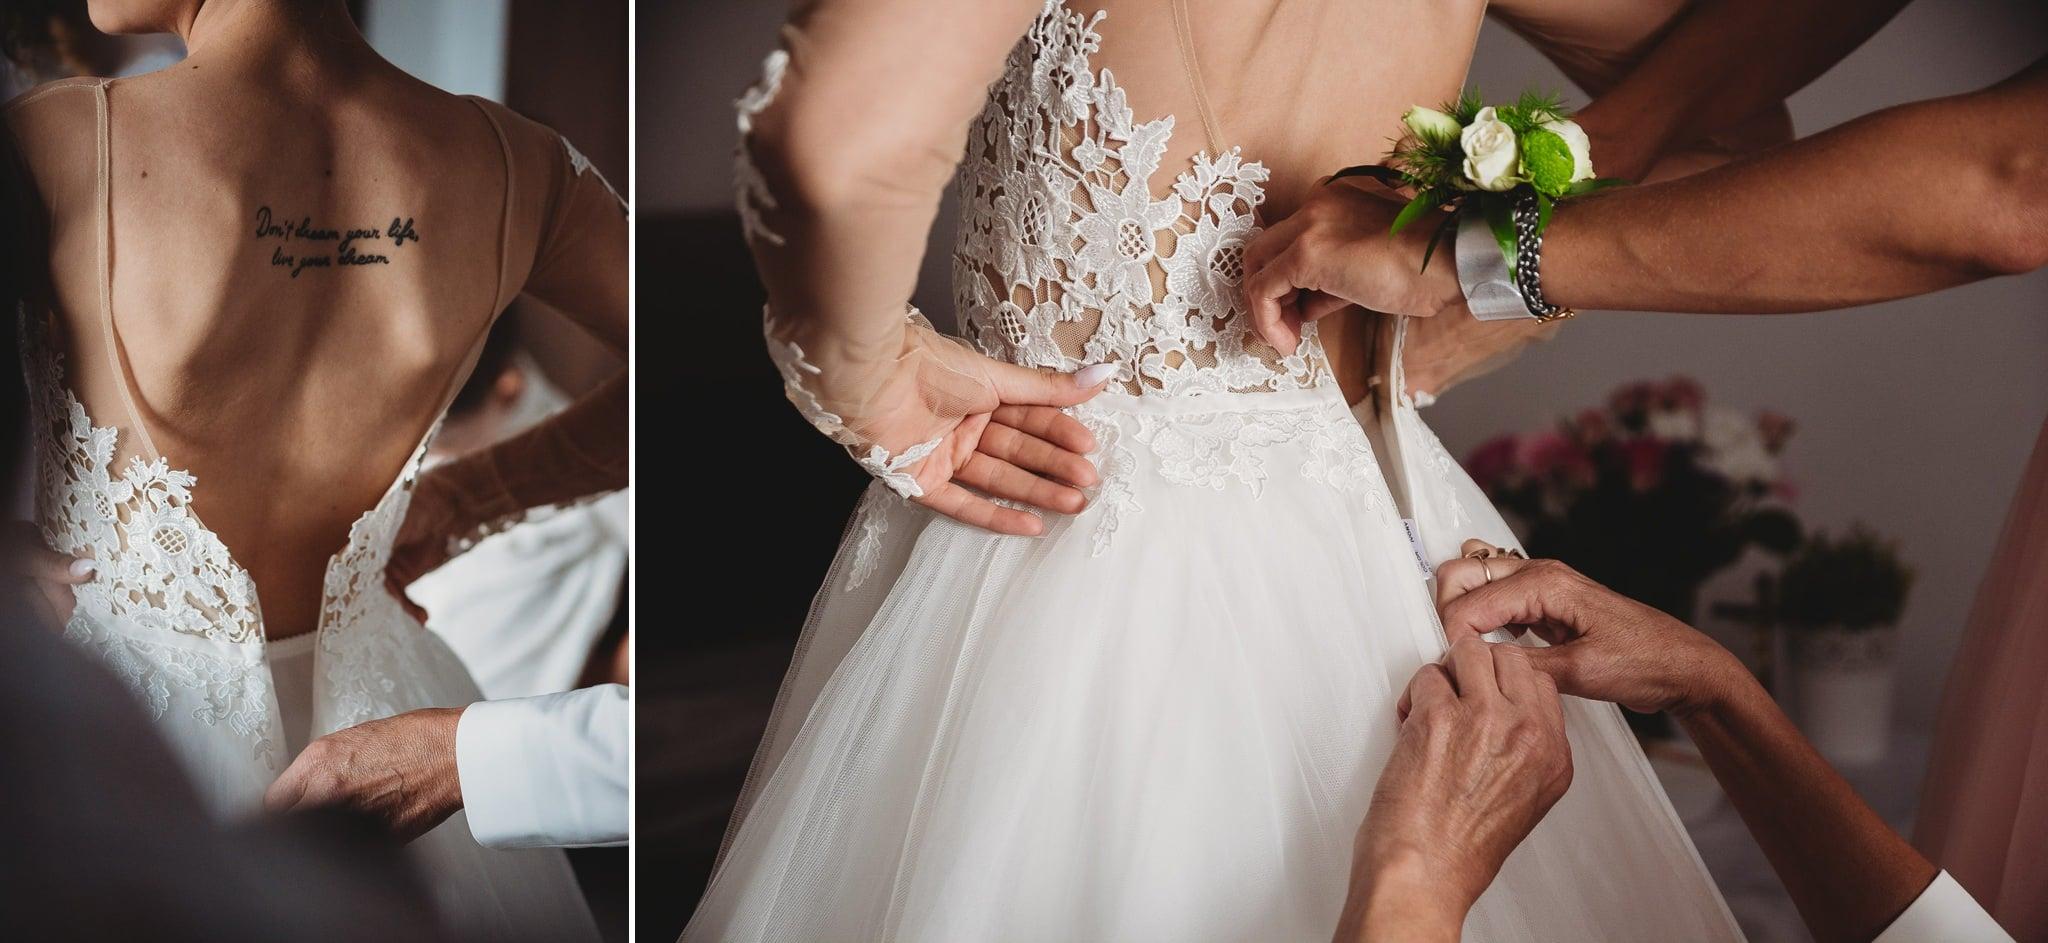 Angelika i Michał, piękne zdjęcia ślubne i sesja plenerowa w Gołuchowie 42